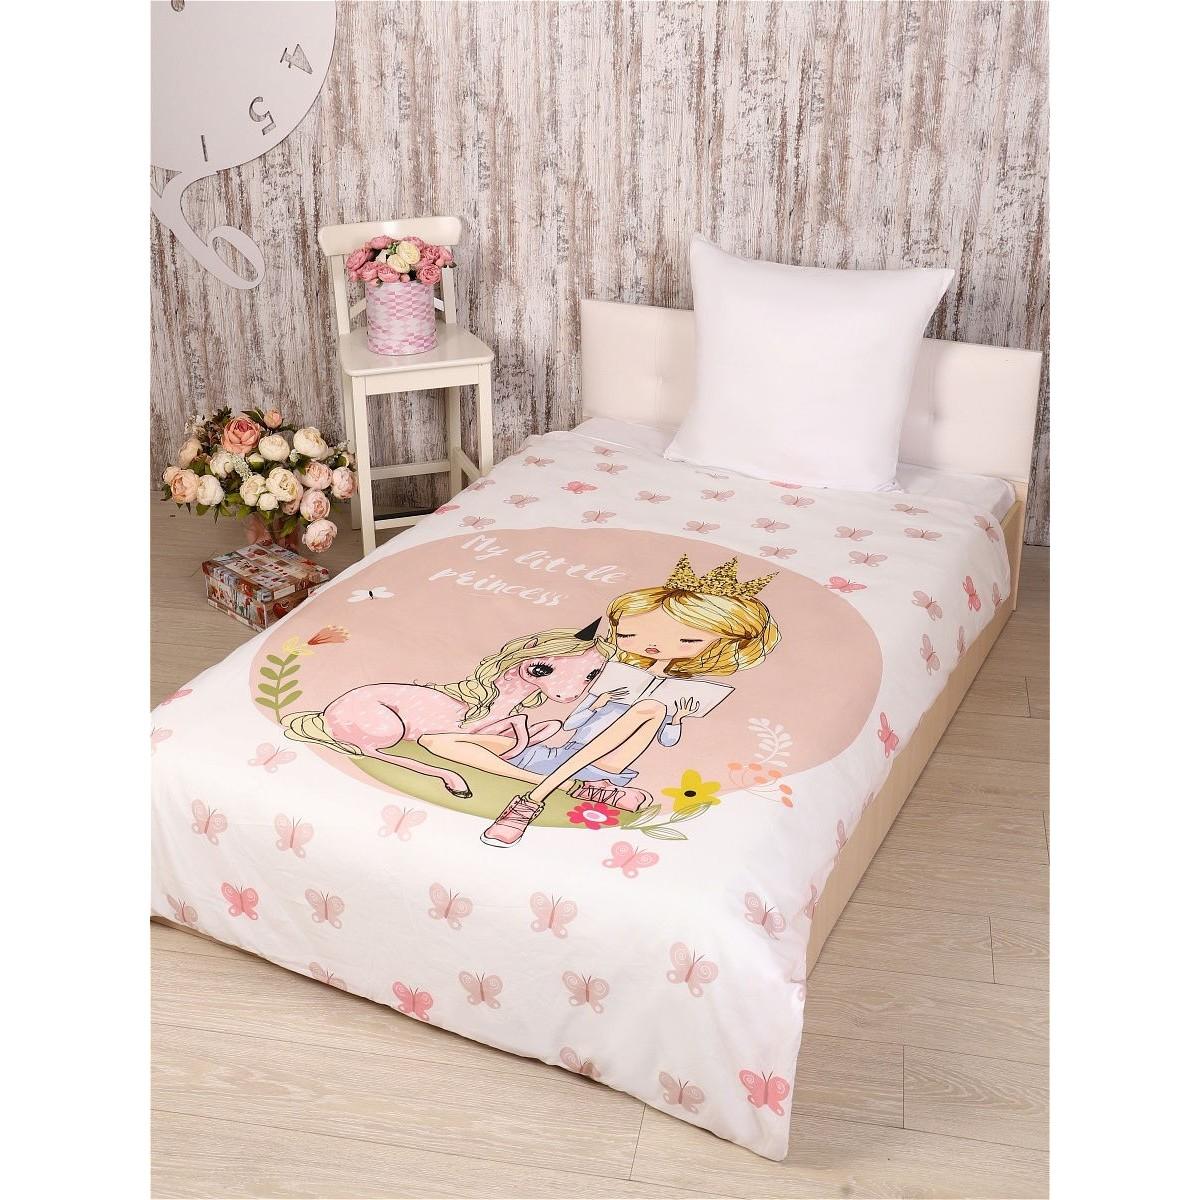 Комплект постельного белья полутораспальный Текстильная лавка Принцесса сатин